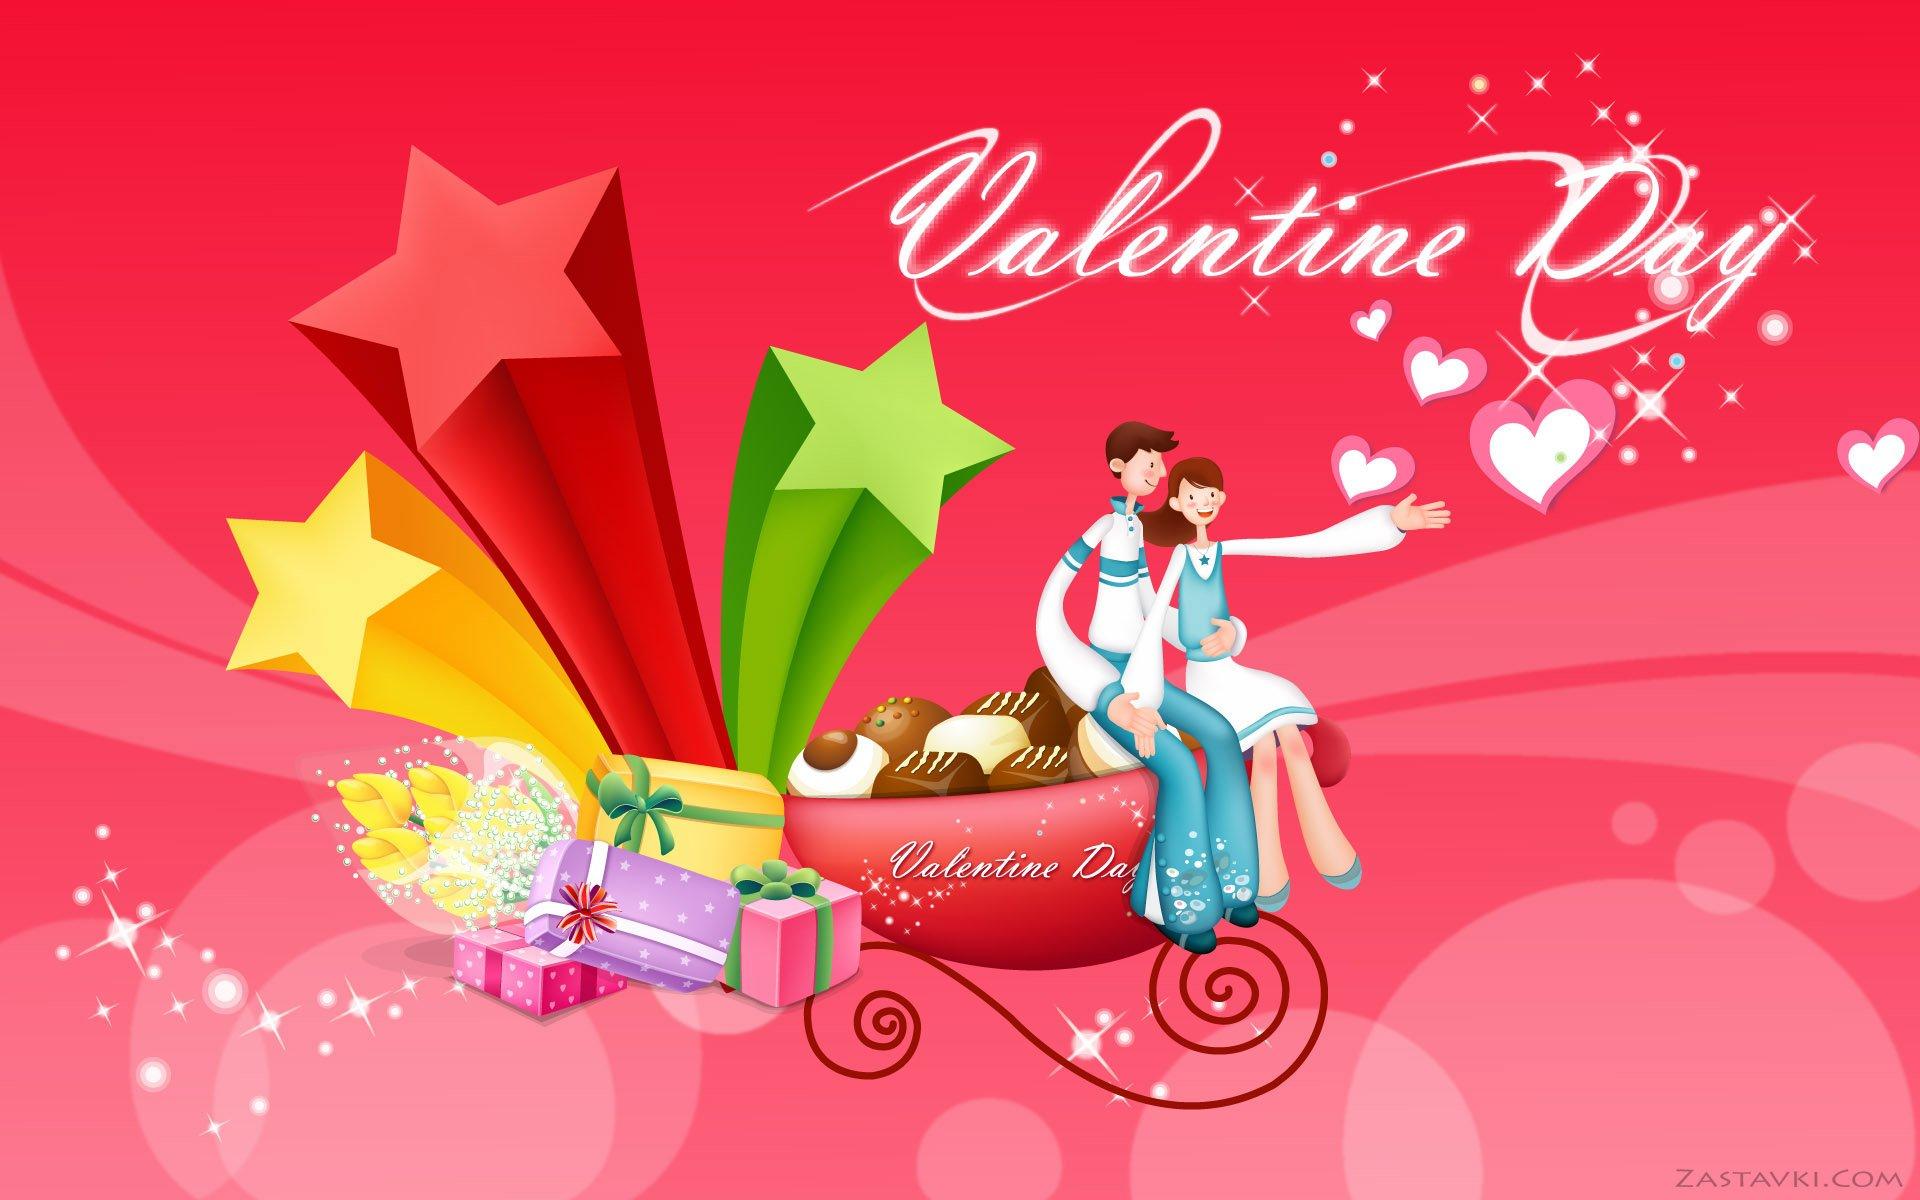 节日 - 情人节  壁纸